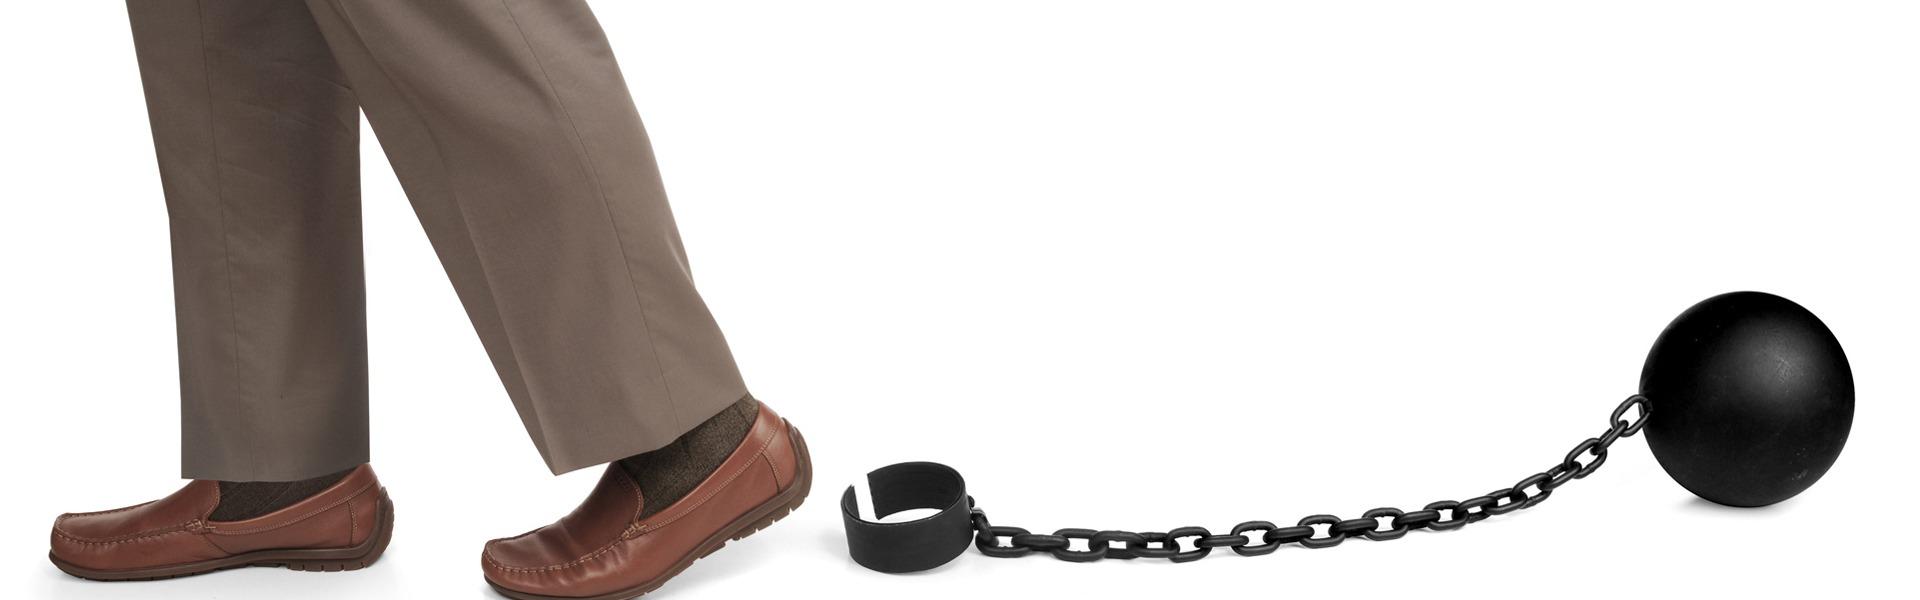 Probation, Pardon, And Parole